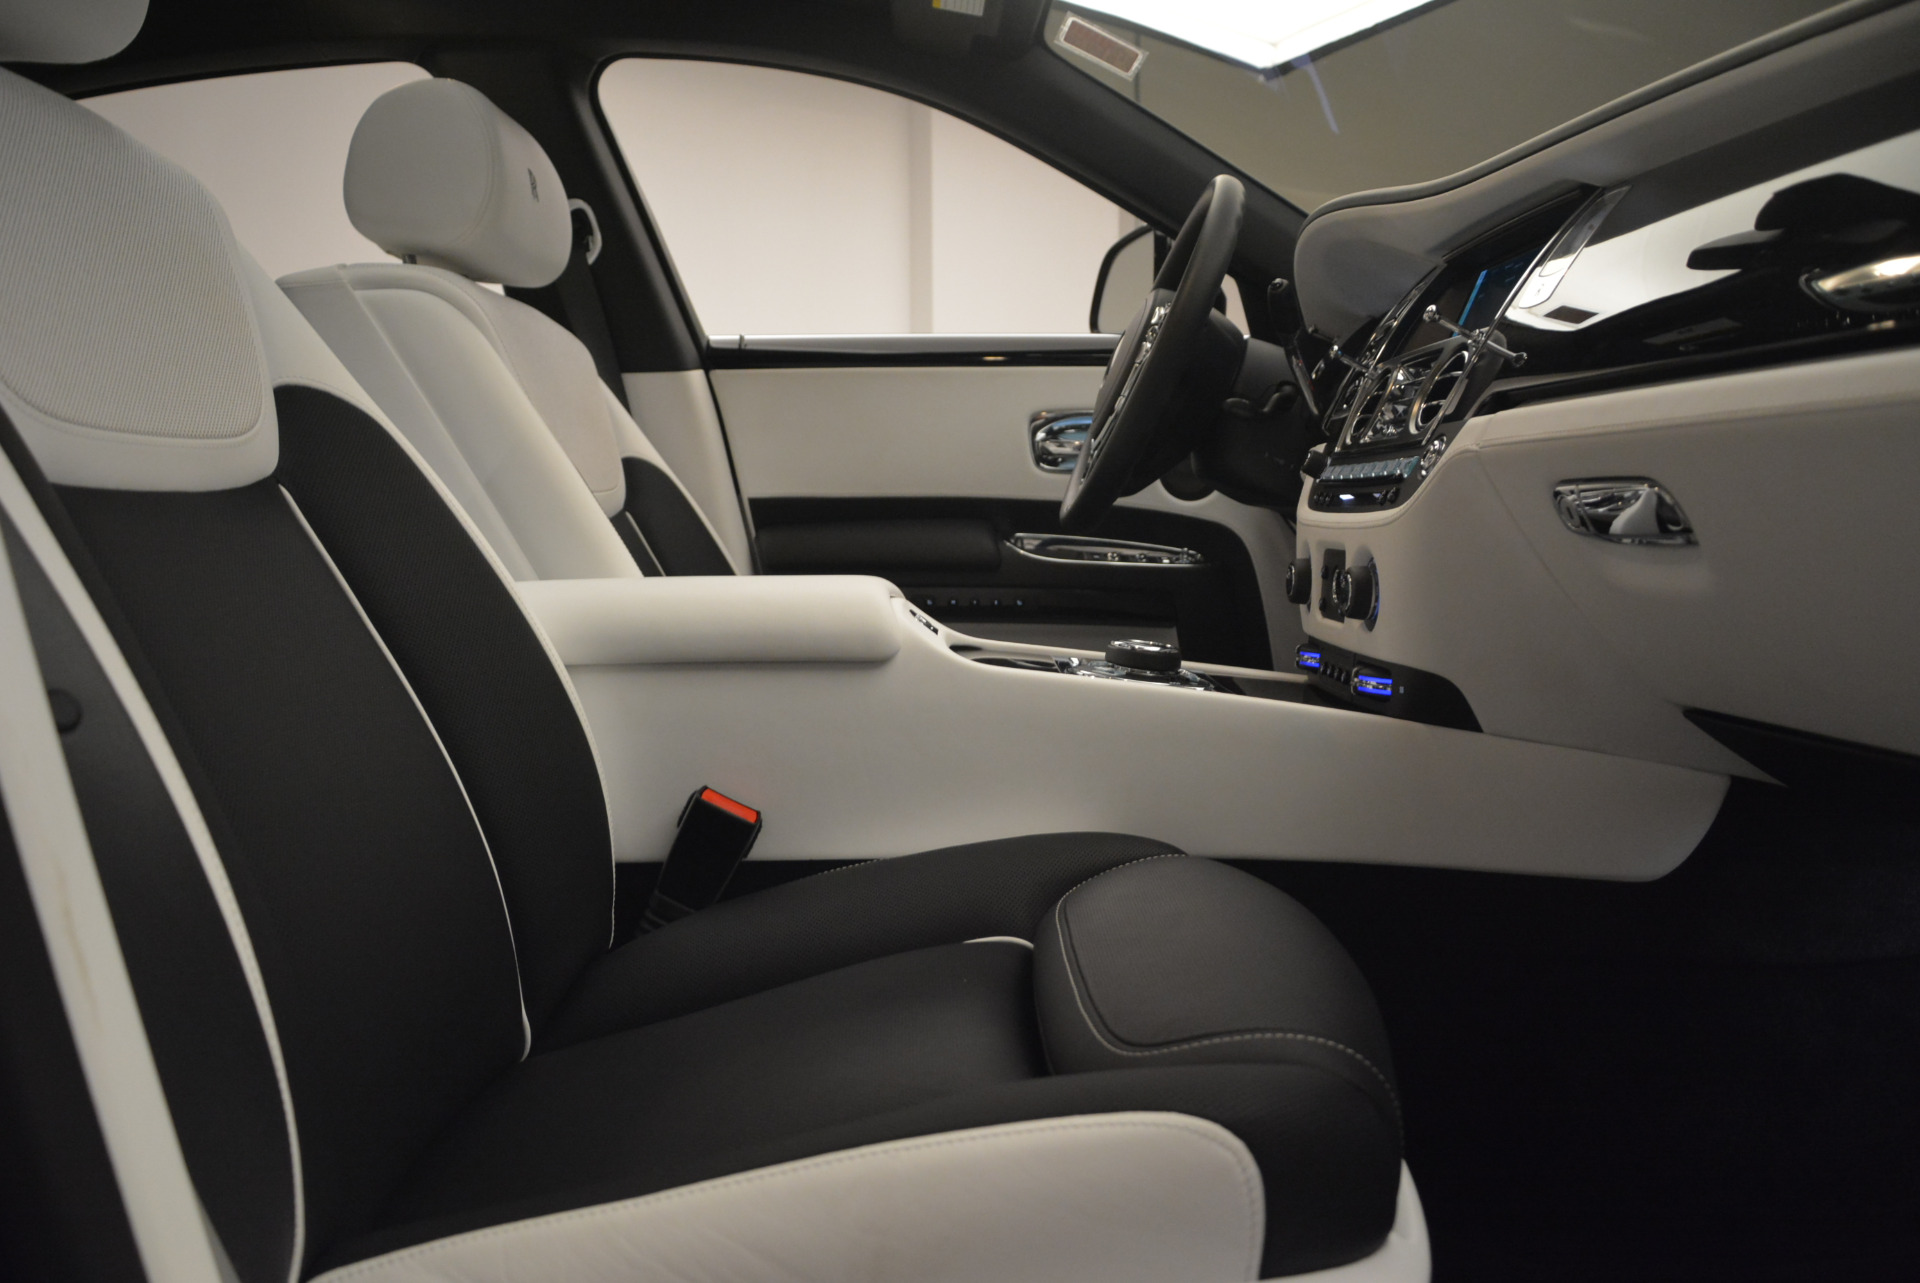 Used 2017 Rolls-Royce Ghost Black Badge For Sale In Westport, CT 2093_p28